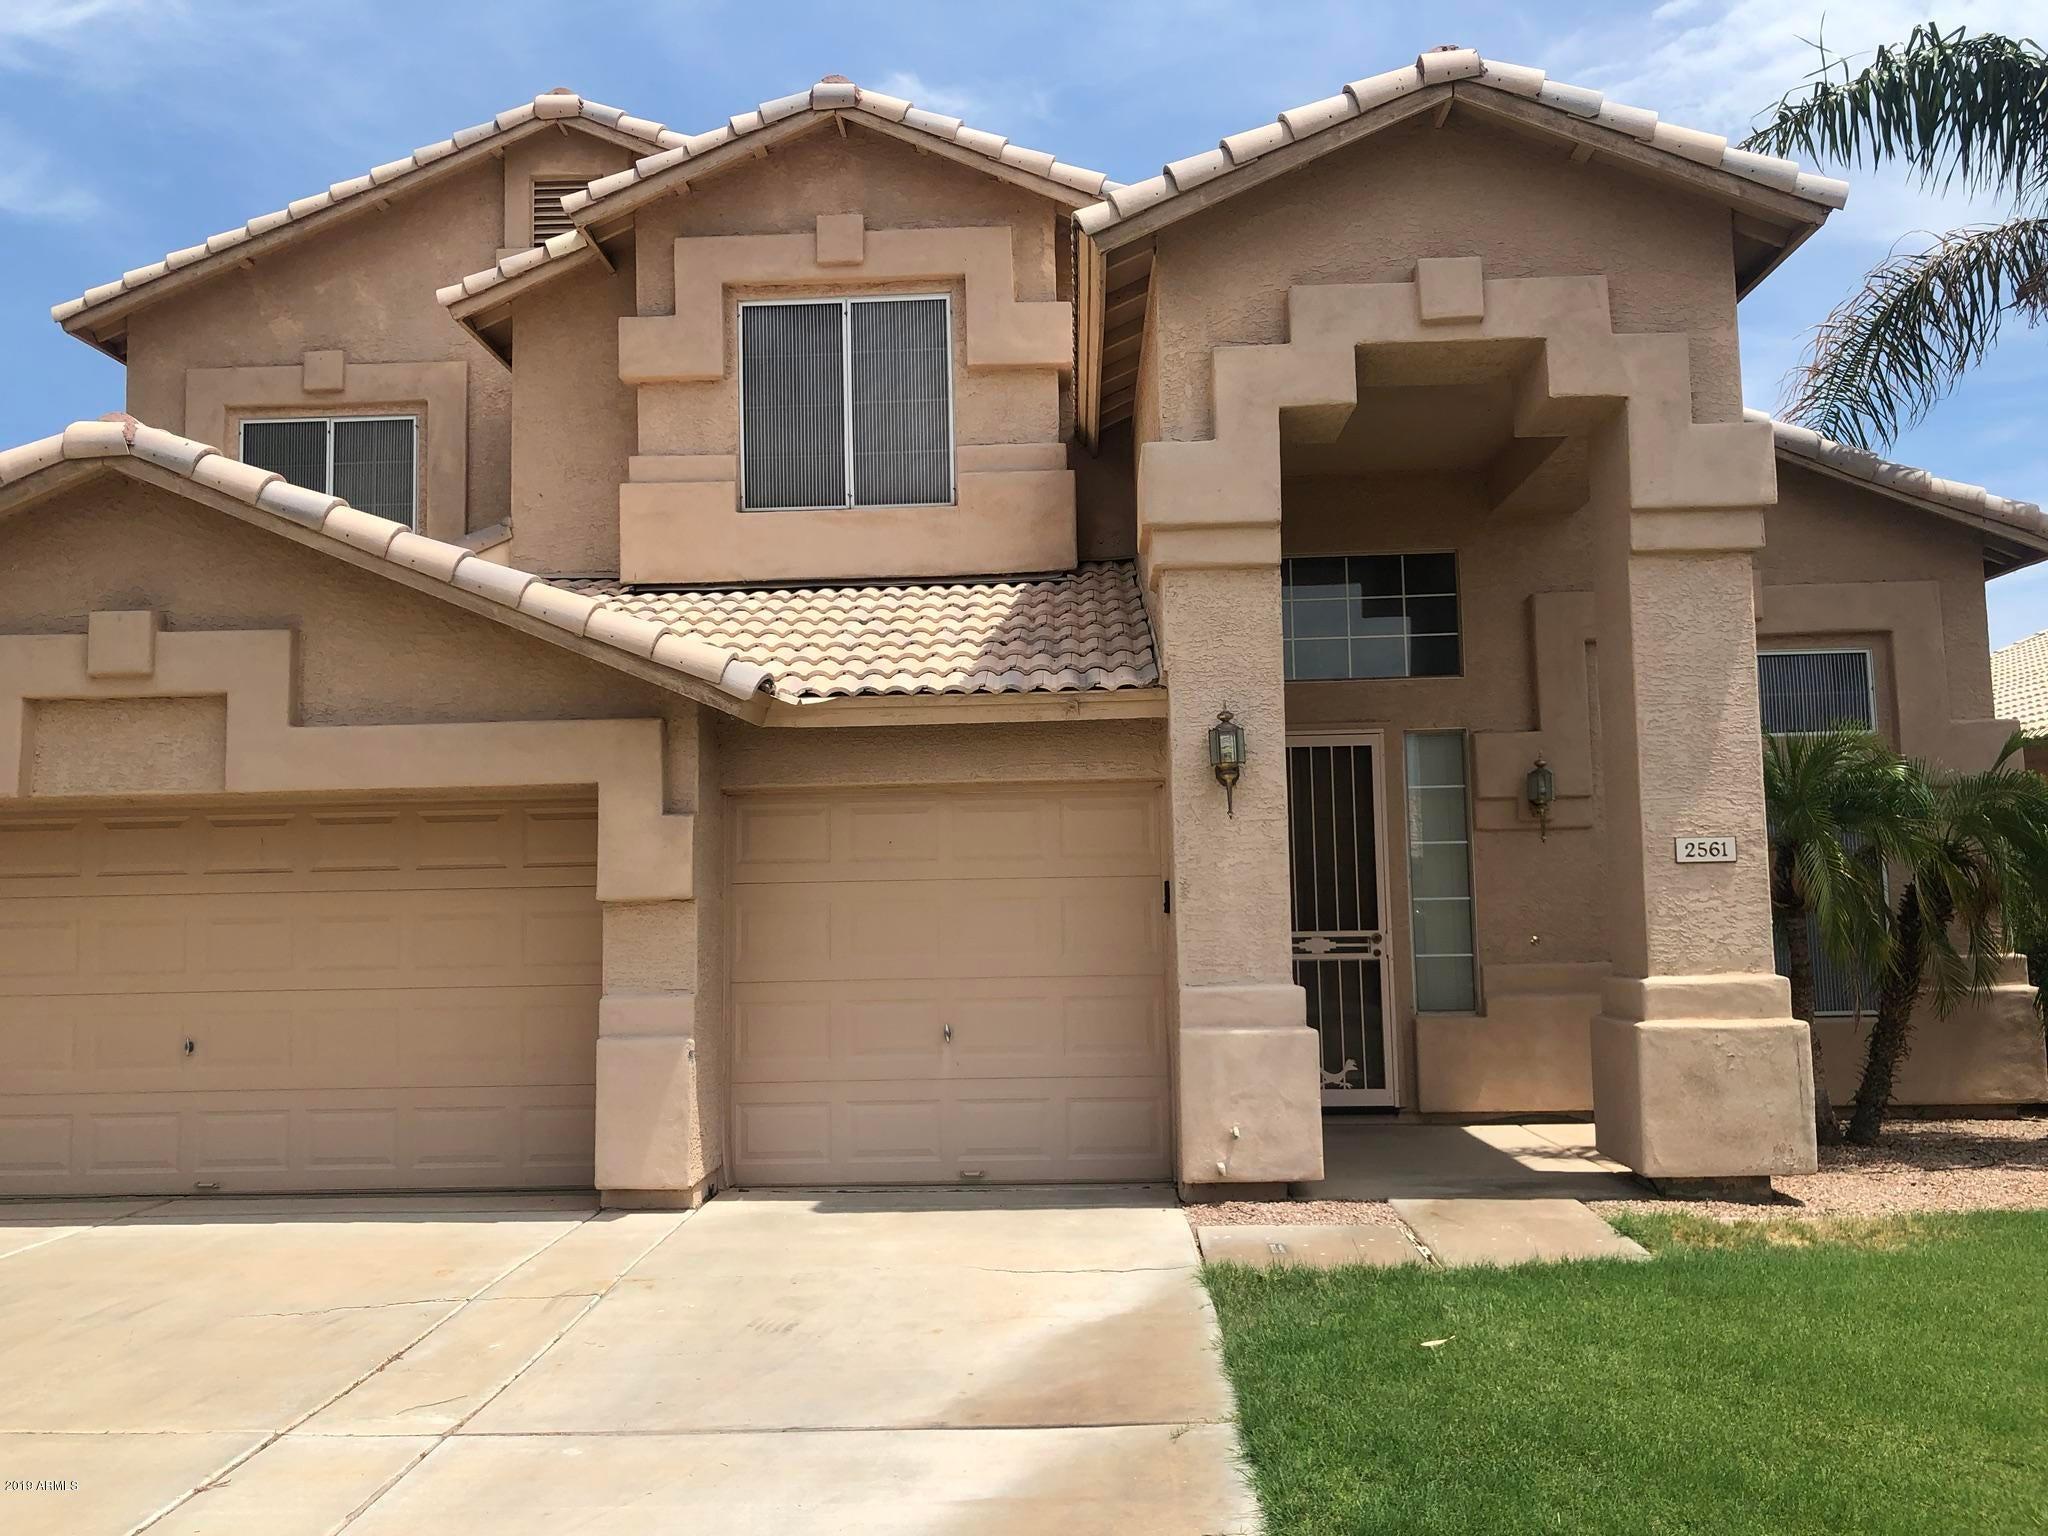 2561 N 137TH Avenue, Goodyear, AZ 85395